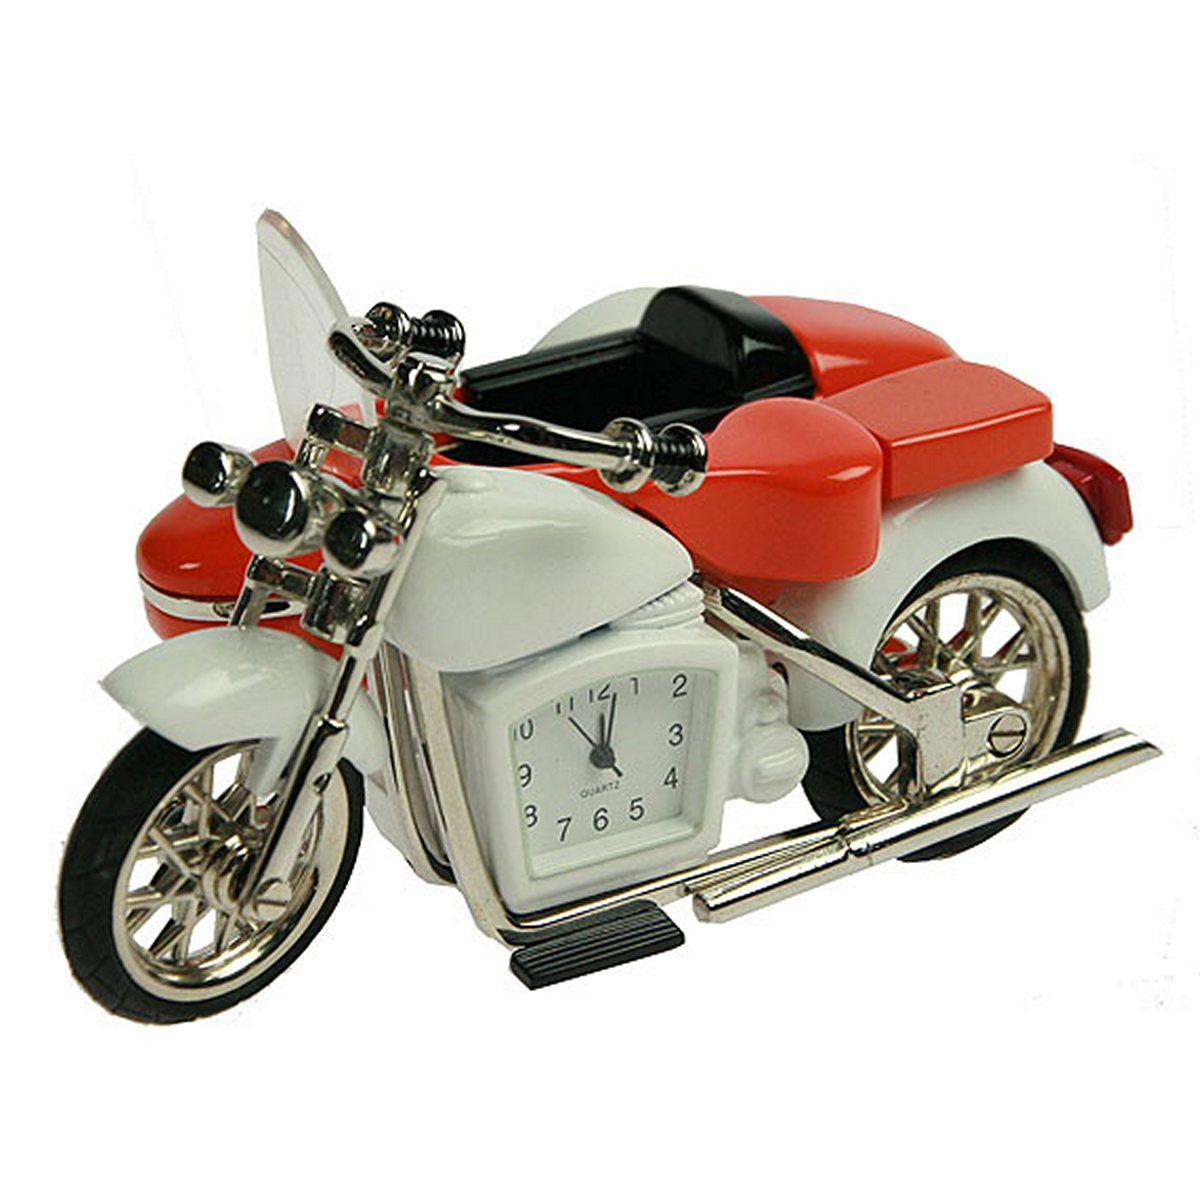 Часы настольные Русские Подарки Мотоцикл, 7 х 10 х 5 см. 22425В76Настольные кварцевые часы Русские Подарки Мотоцикл изготовлены из металла. Корпус оригинально оформлен в виде мотоцикла. Часы имеют три стрелки - часовую, минутную и секундную.Такие часы украсят интерьер дома или рабочий стол в офисе. Также часы могут стать уникальным, полезным подарком для родственников, коллег, знакомых и близких.Часы работают от батареек типа SR626 (в комплект не входят).